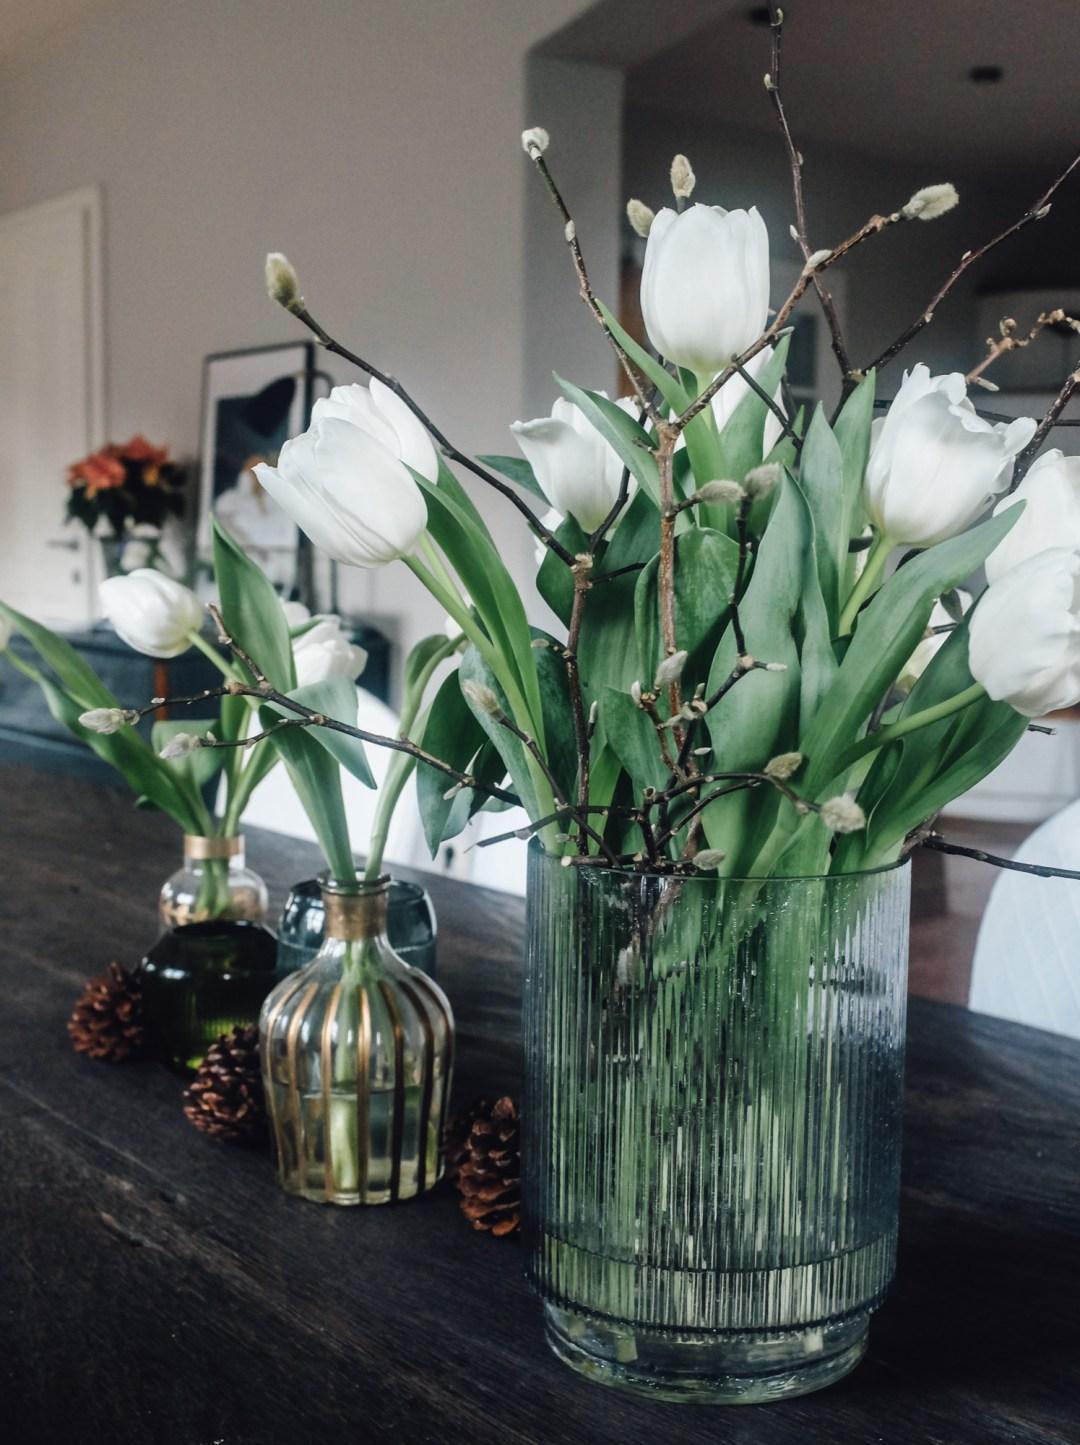 Inastil, Tulpen, weiße Tulpen, Winterdekoration, Gemüse, ohne Fleisch, leichte Küche, healthyfood, Tischdekoration, fleischlos, white tulips-11